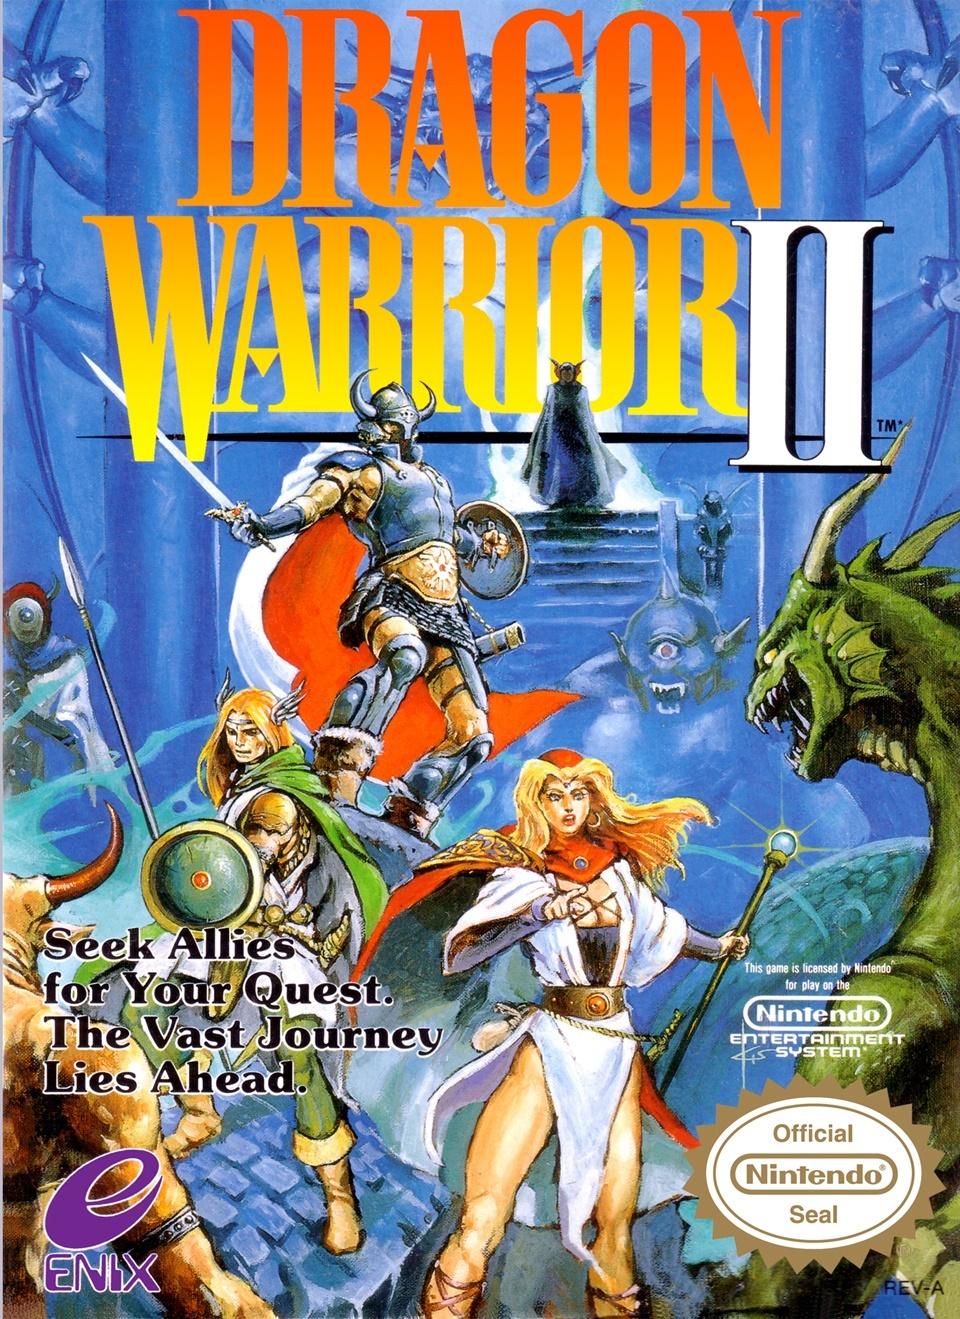 23616agonwarrior2.jpg